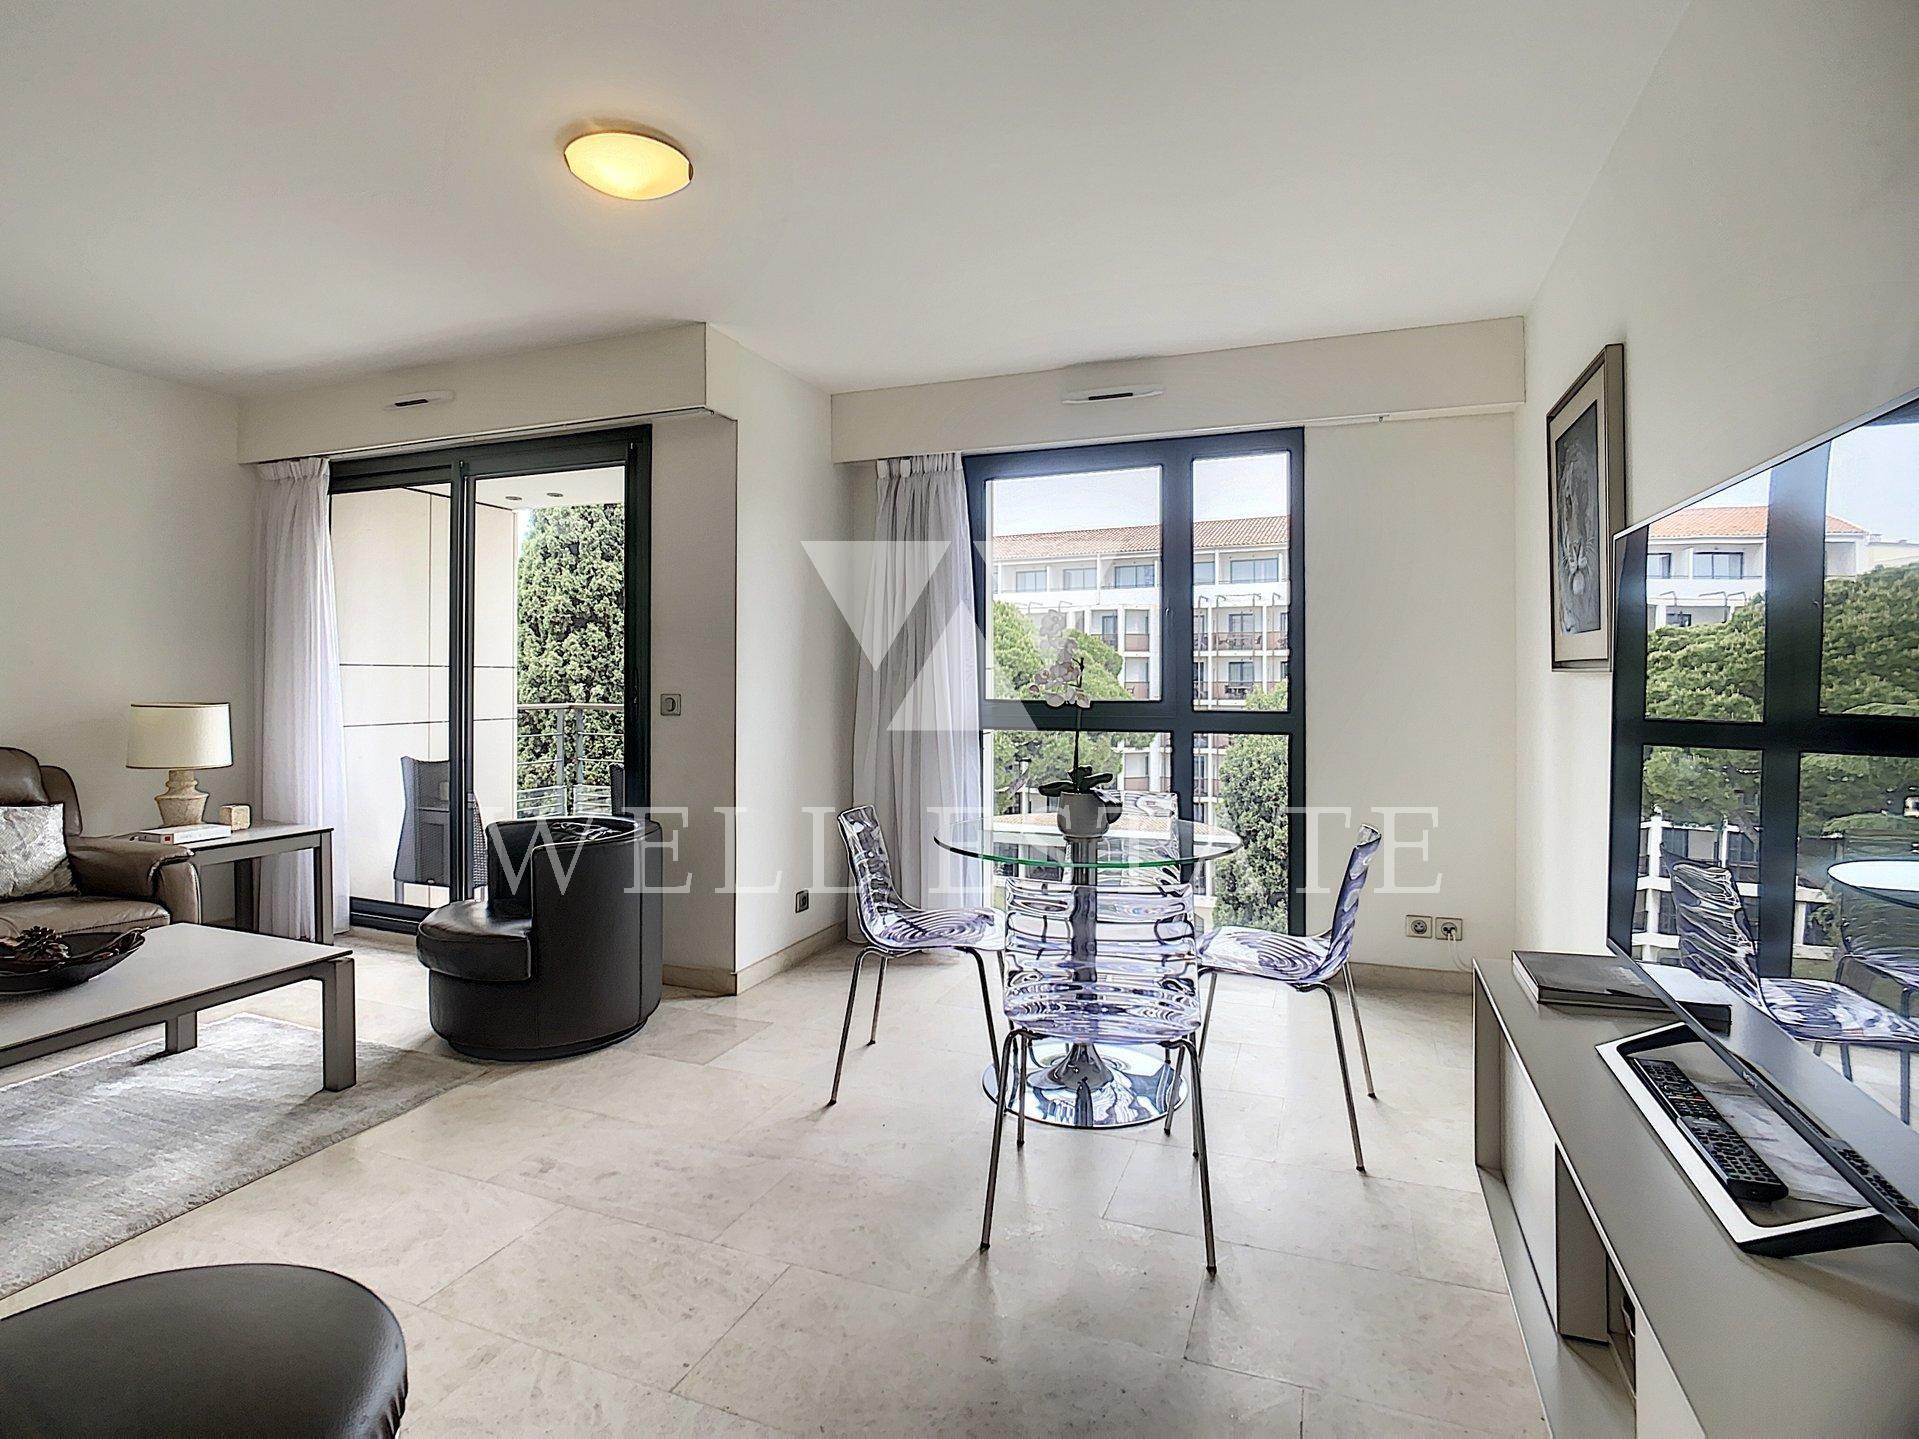 季节性出租 公寓 - 戛納 (Cannes)